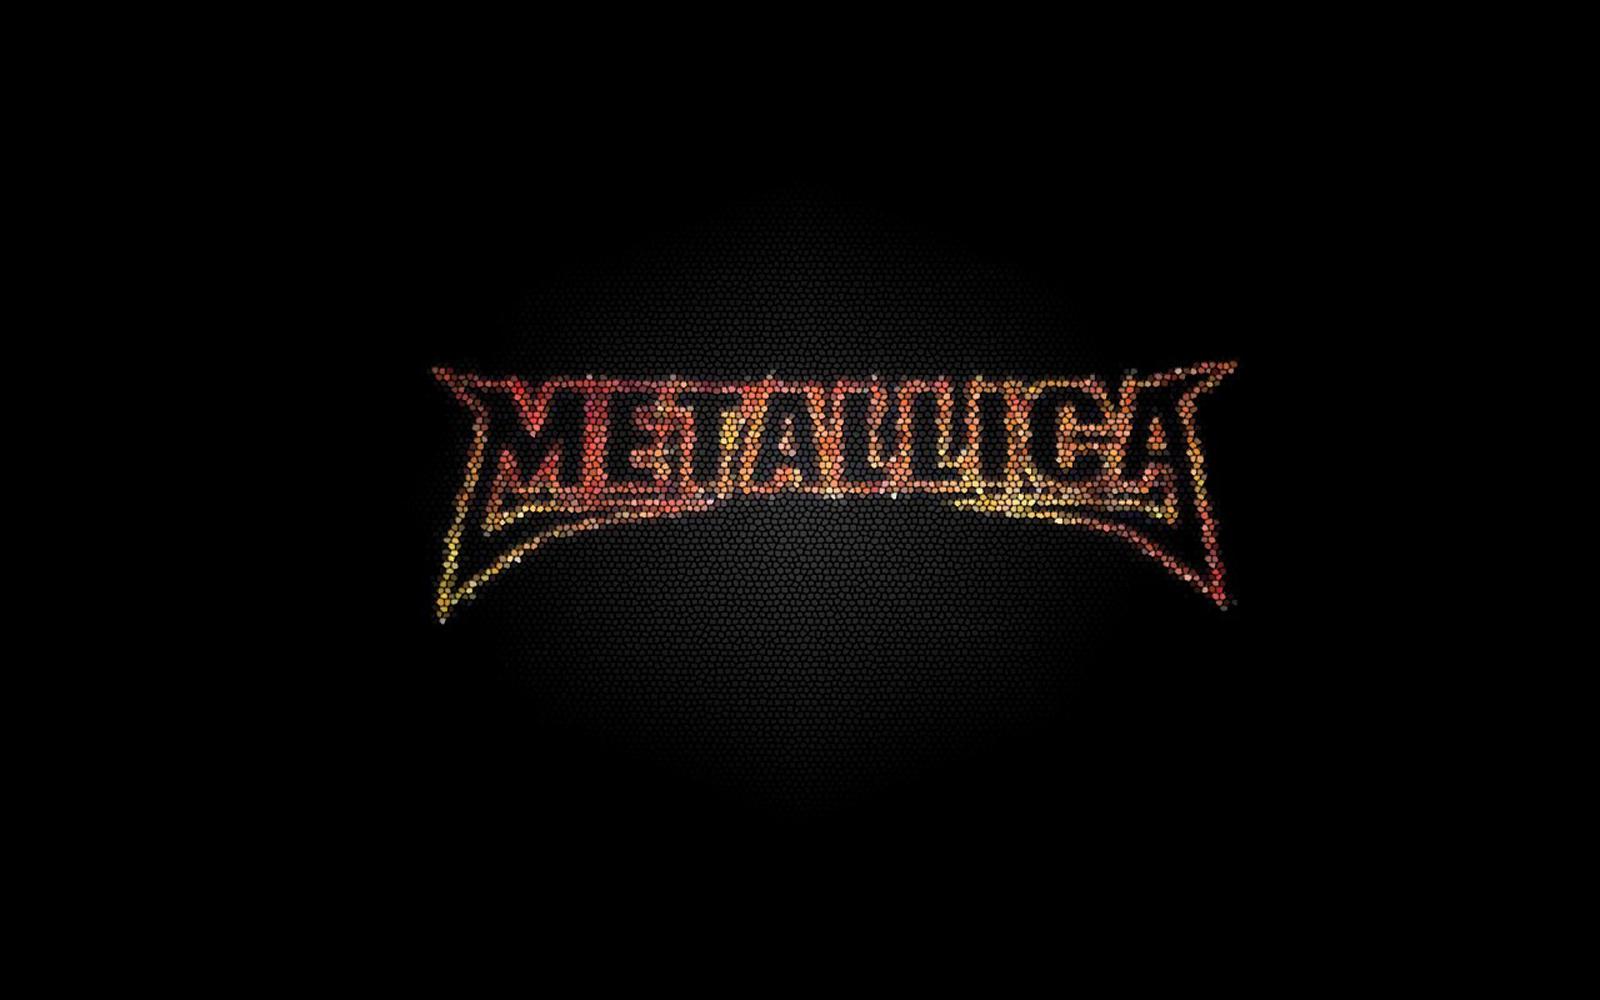 Metallica Logos HD Desktop Wallpapers Desktop Wallpapers 1600x1000